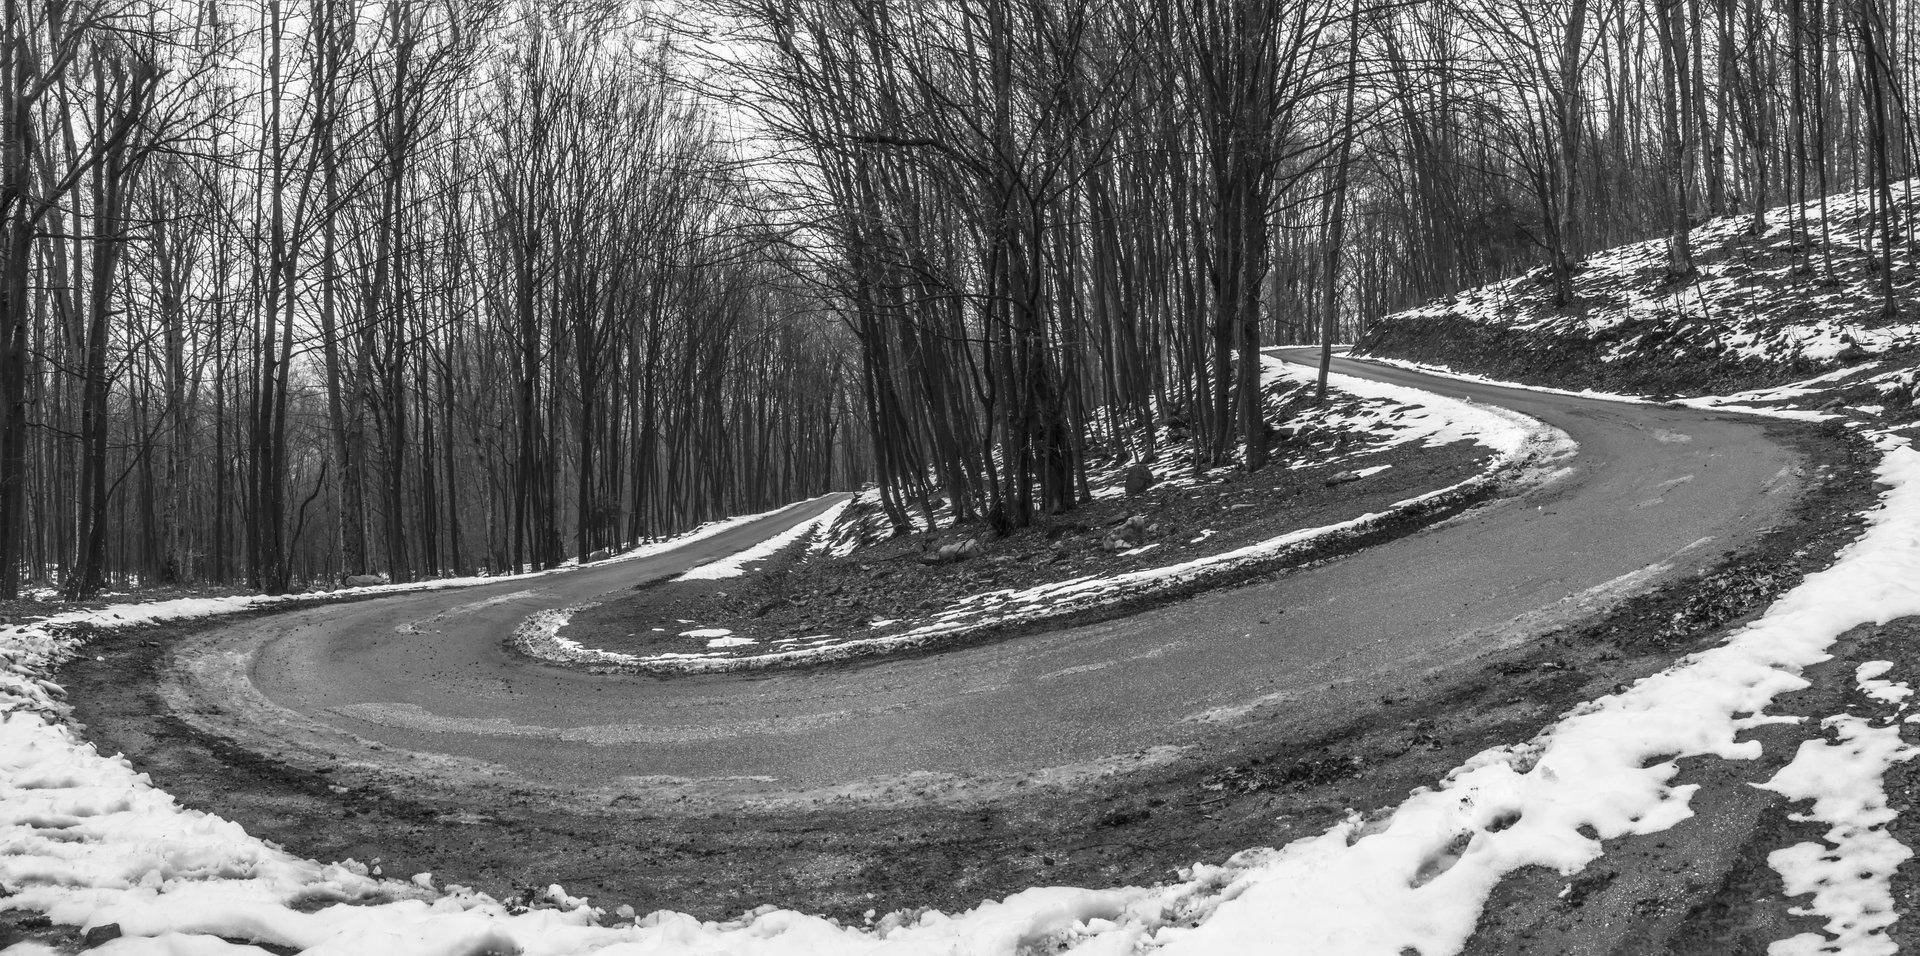 Път в планината от виктор демидов - viktordemidov